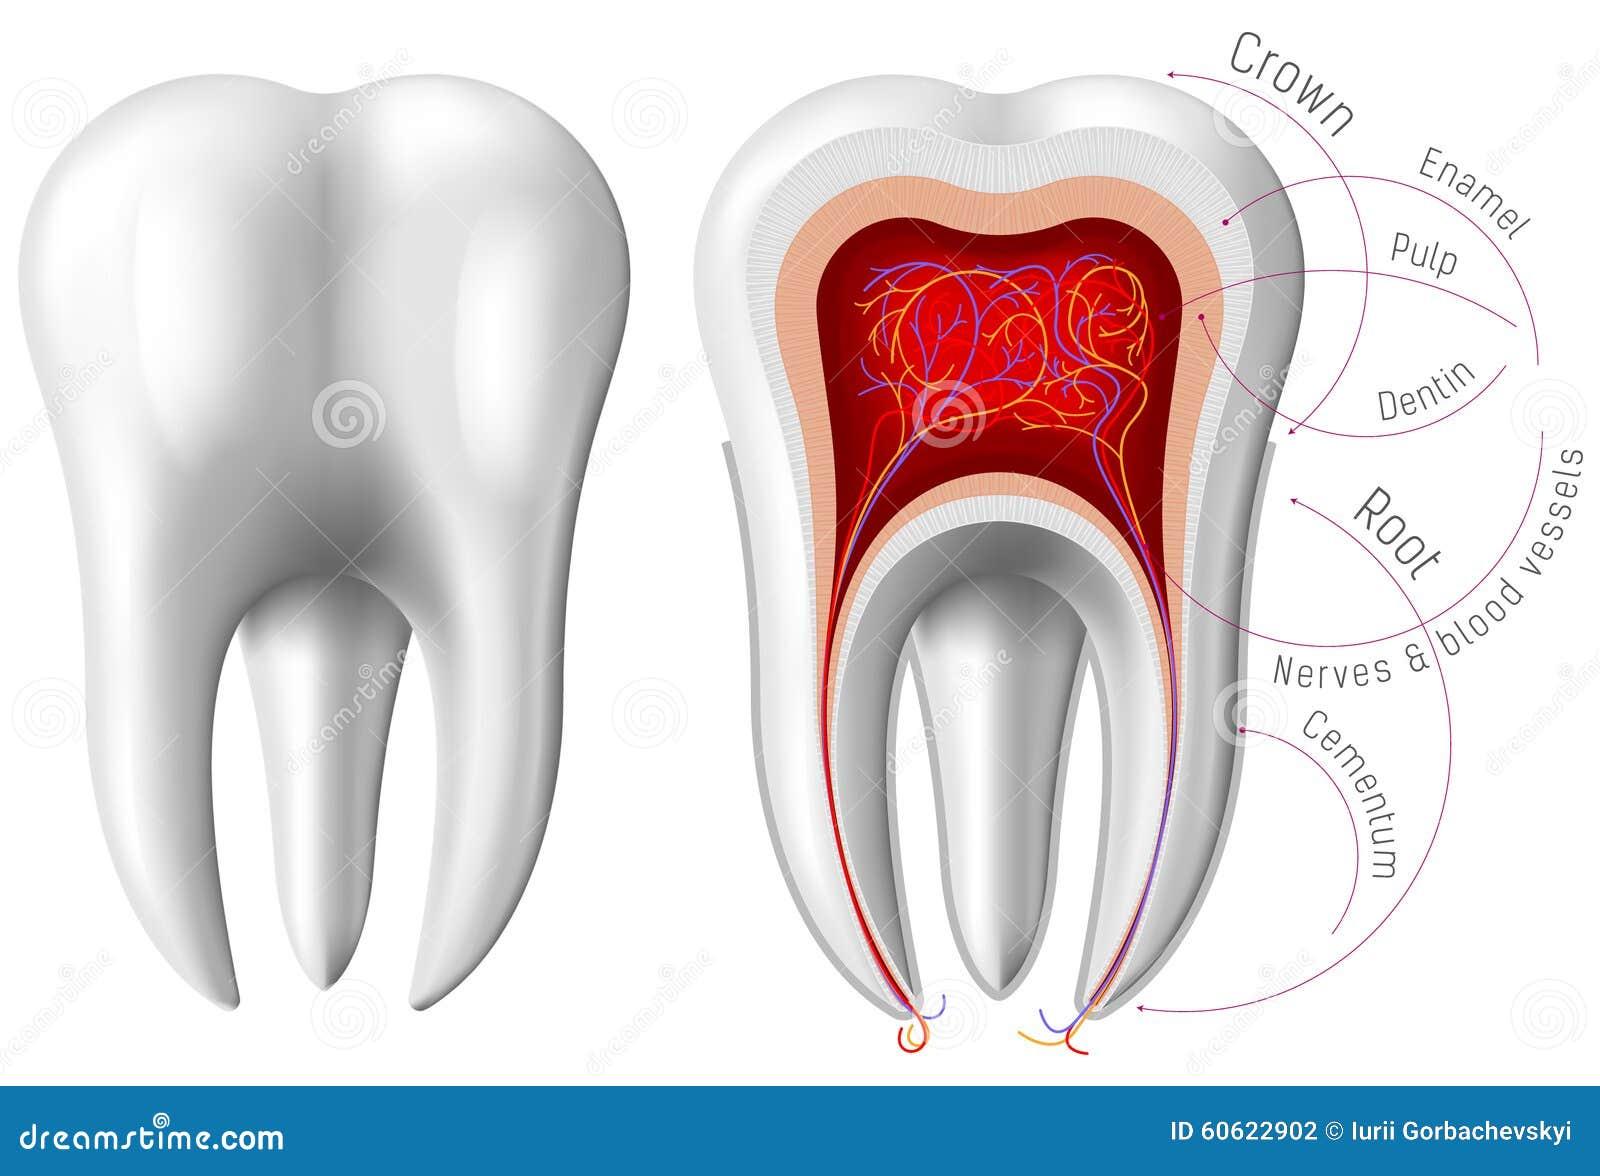 Anatomie des Zahnes vektor abbildung. Illustration von dermatologie ...